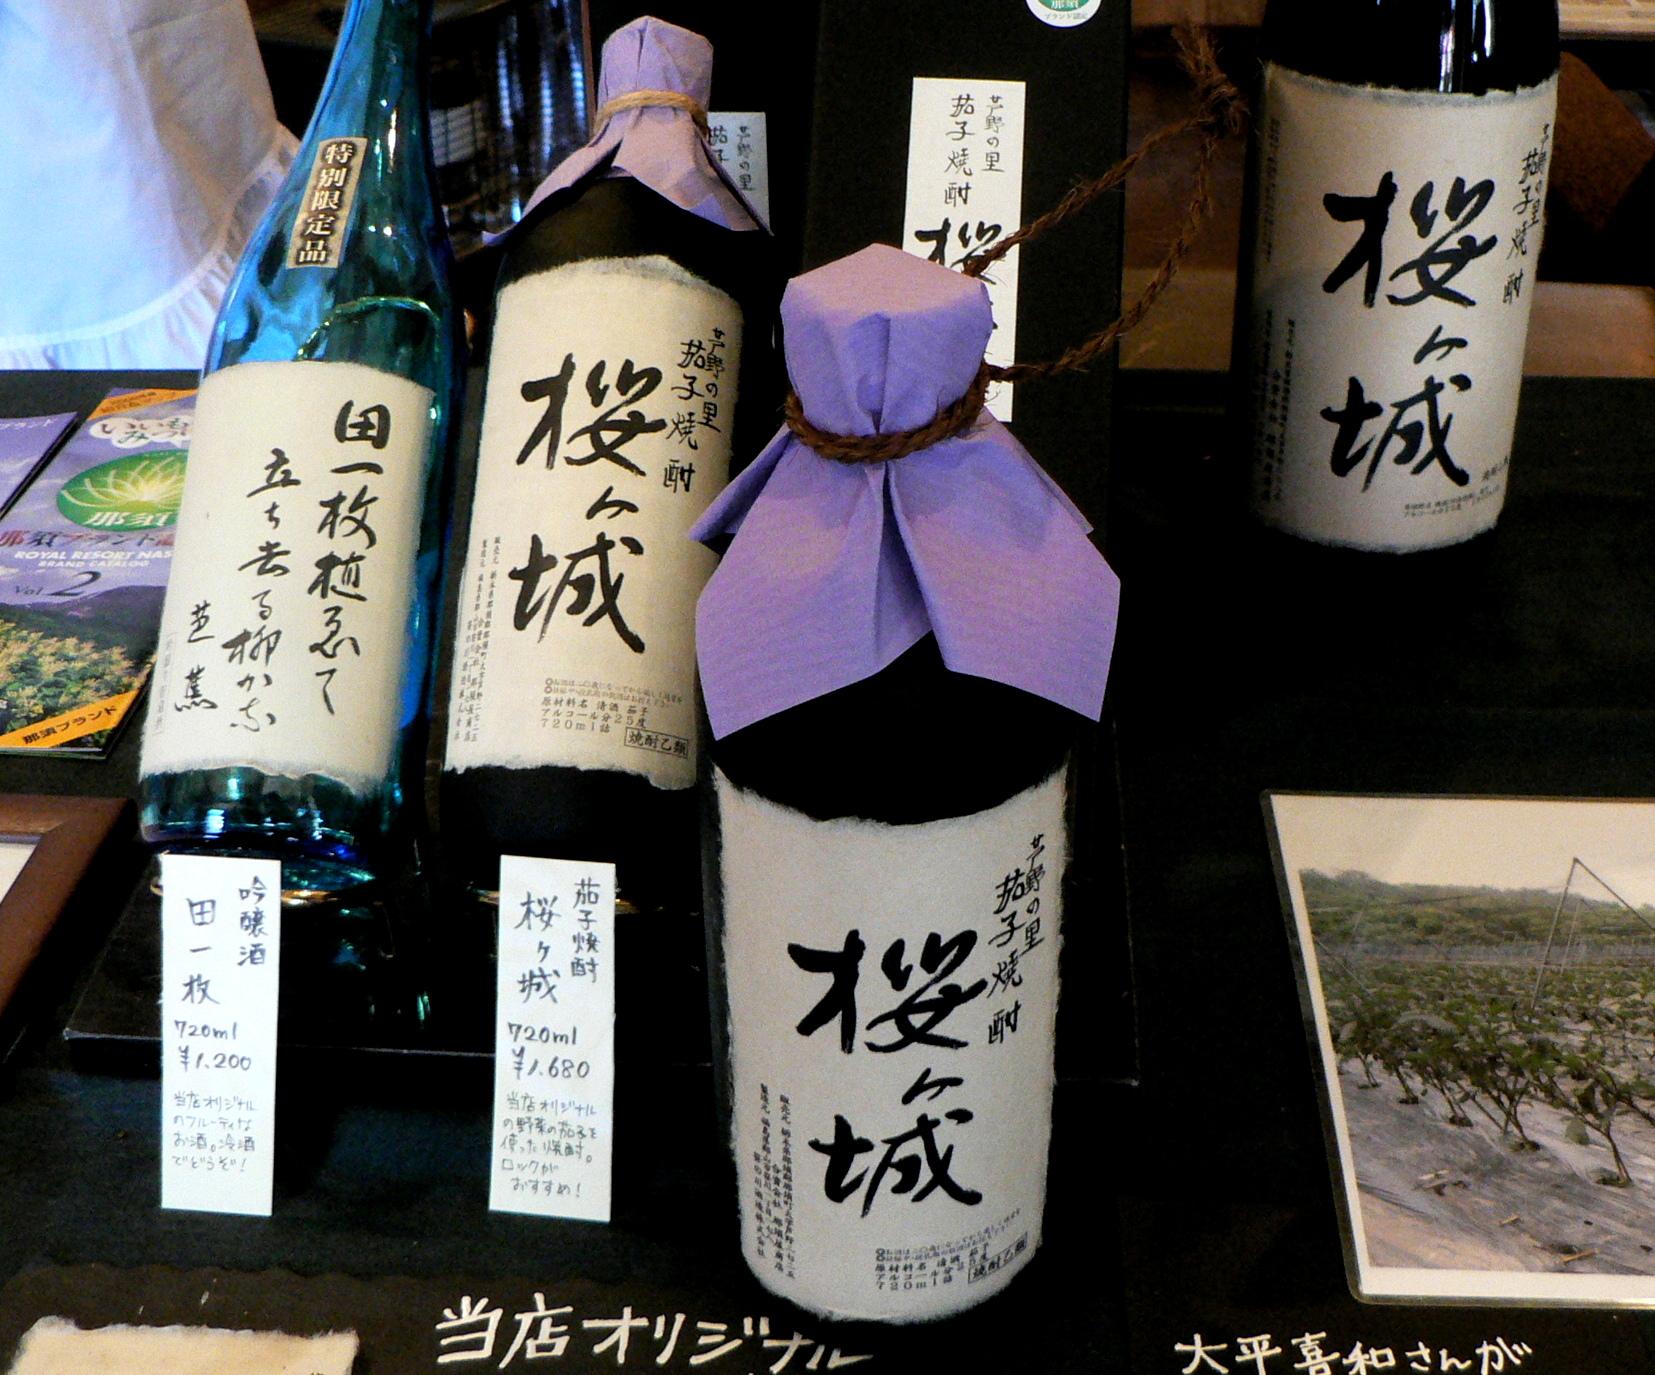 茄子焼酎の桜ケ城